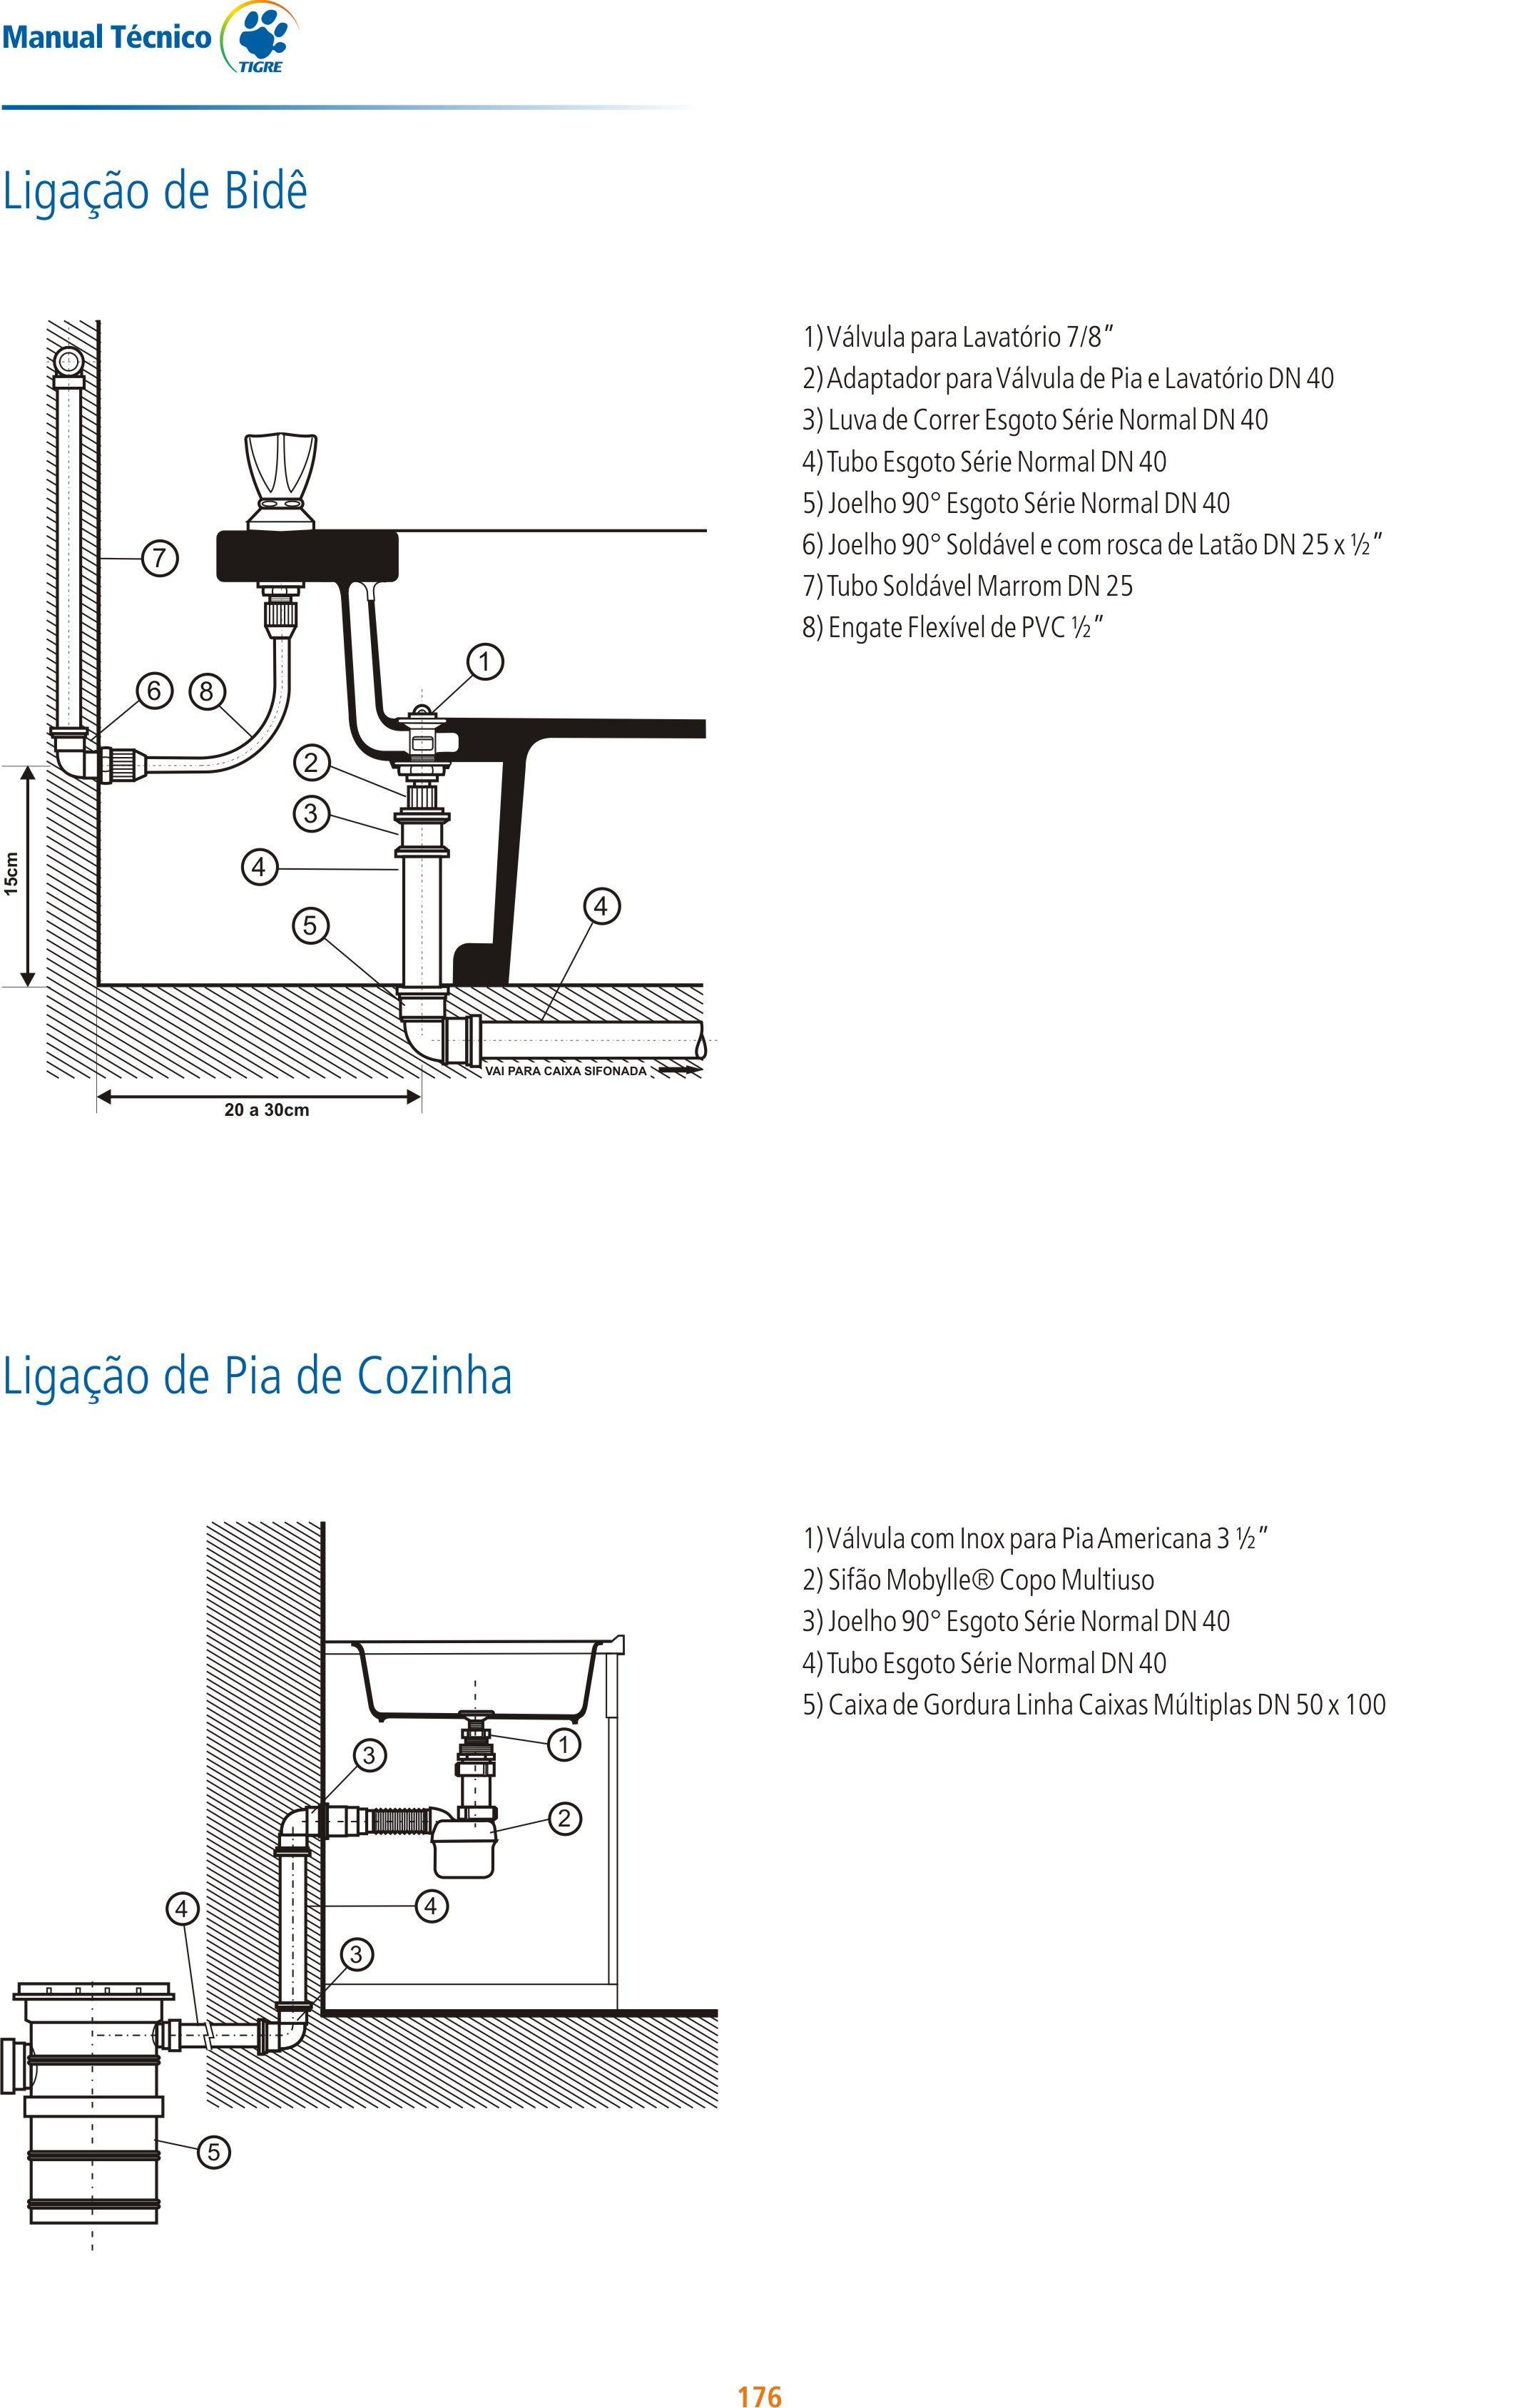 Liga O De Pia De Cozinha 1 V Lvula Com Inox Para Pia Americana 3